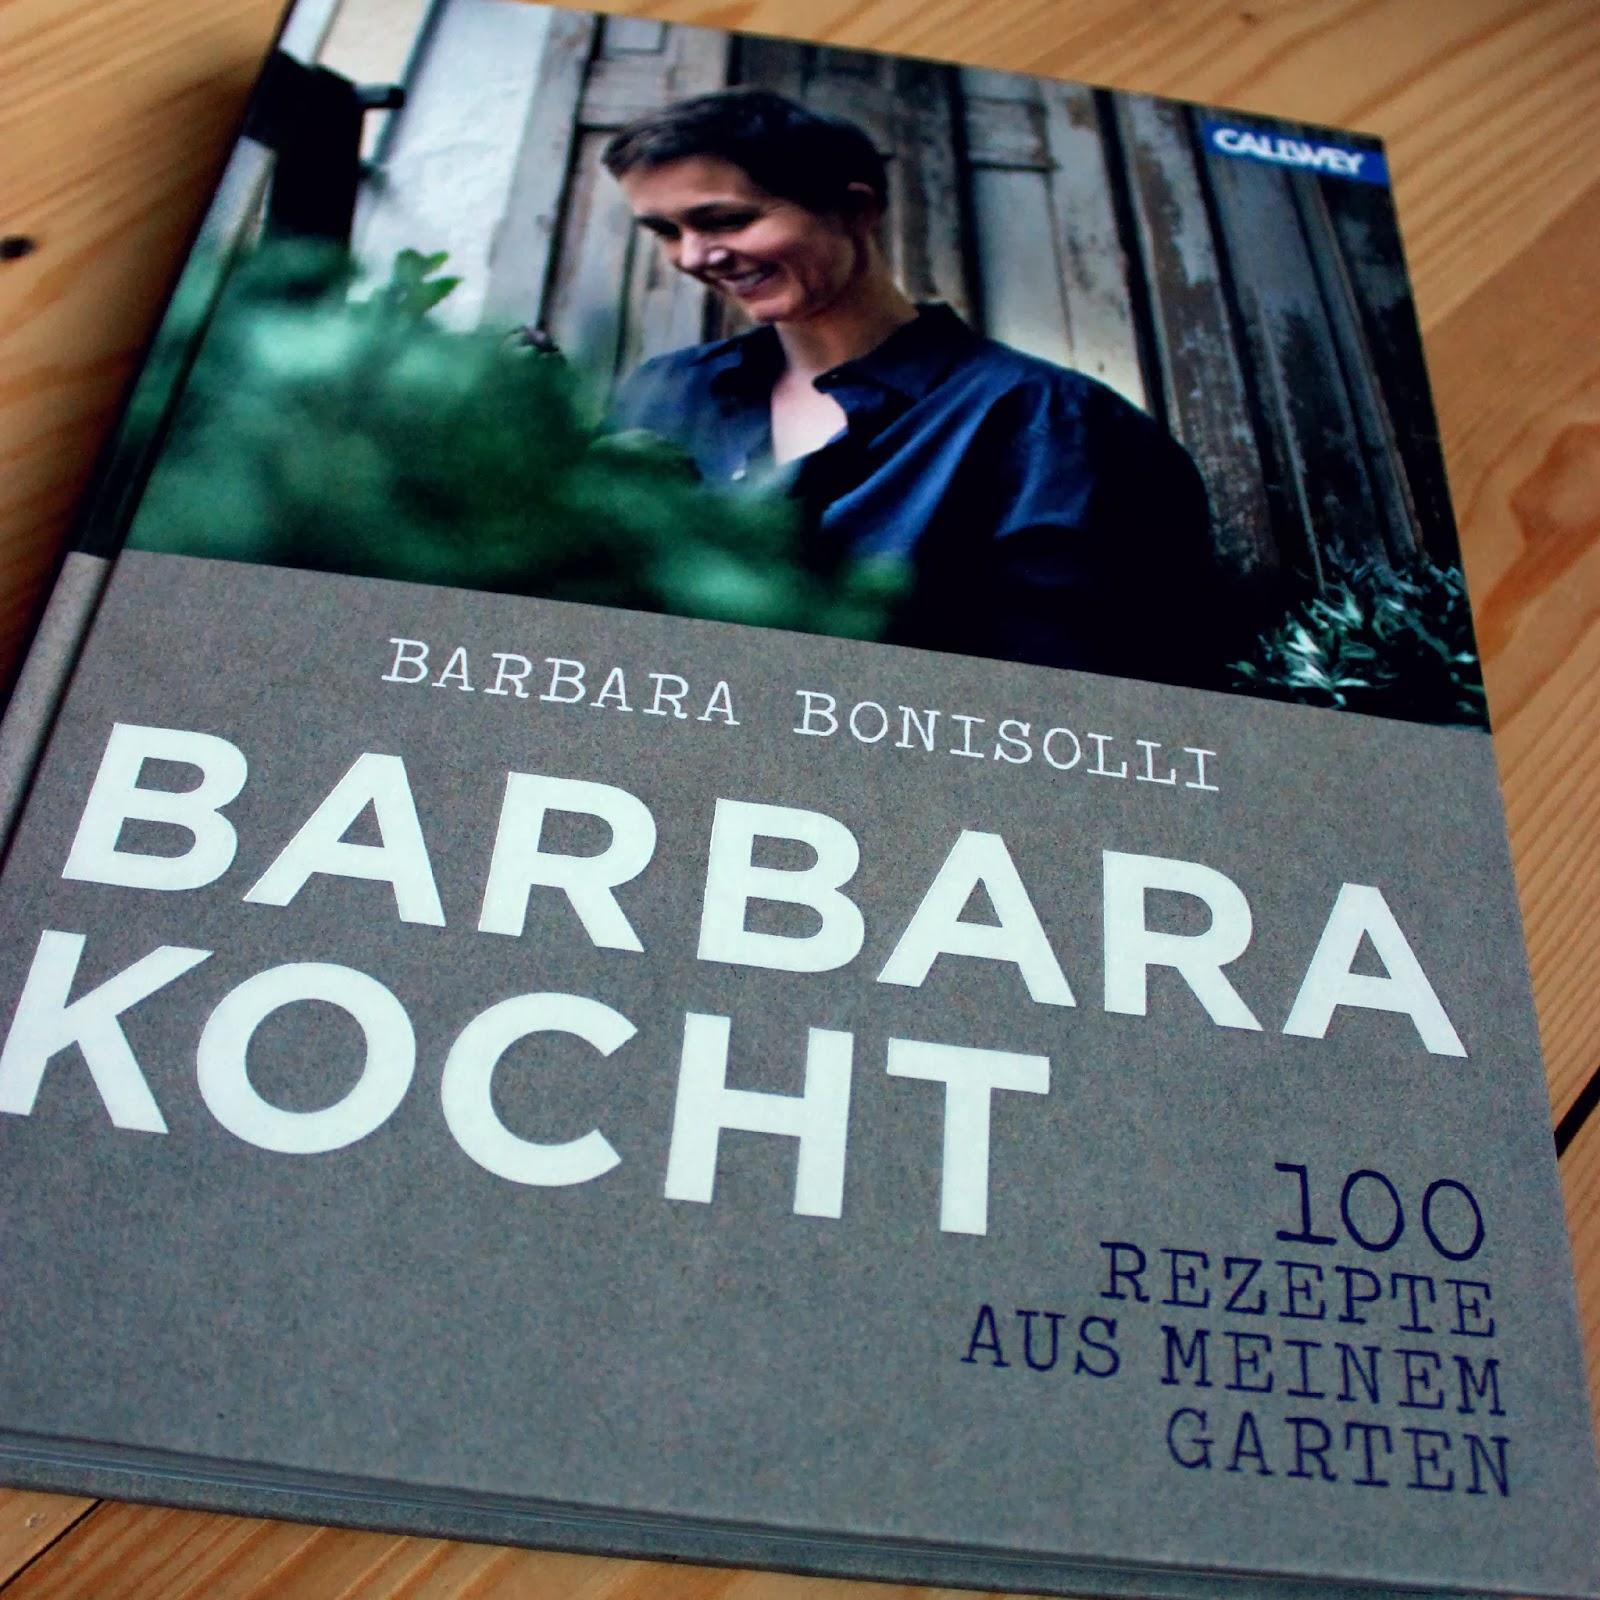 http://www.callwey-shop.de/barbara-kocht.html